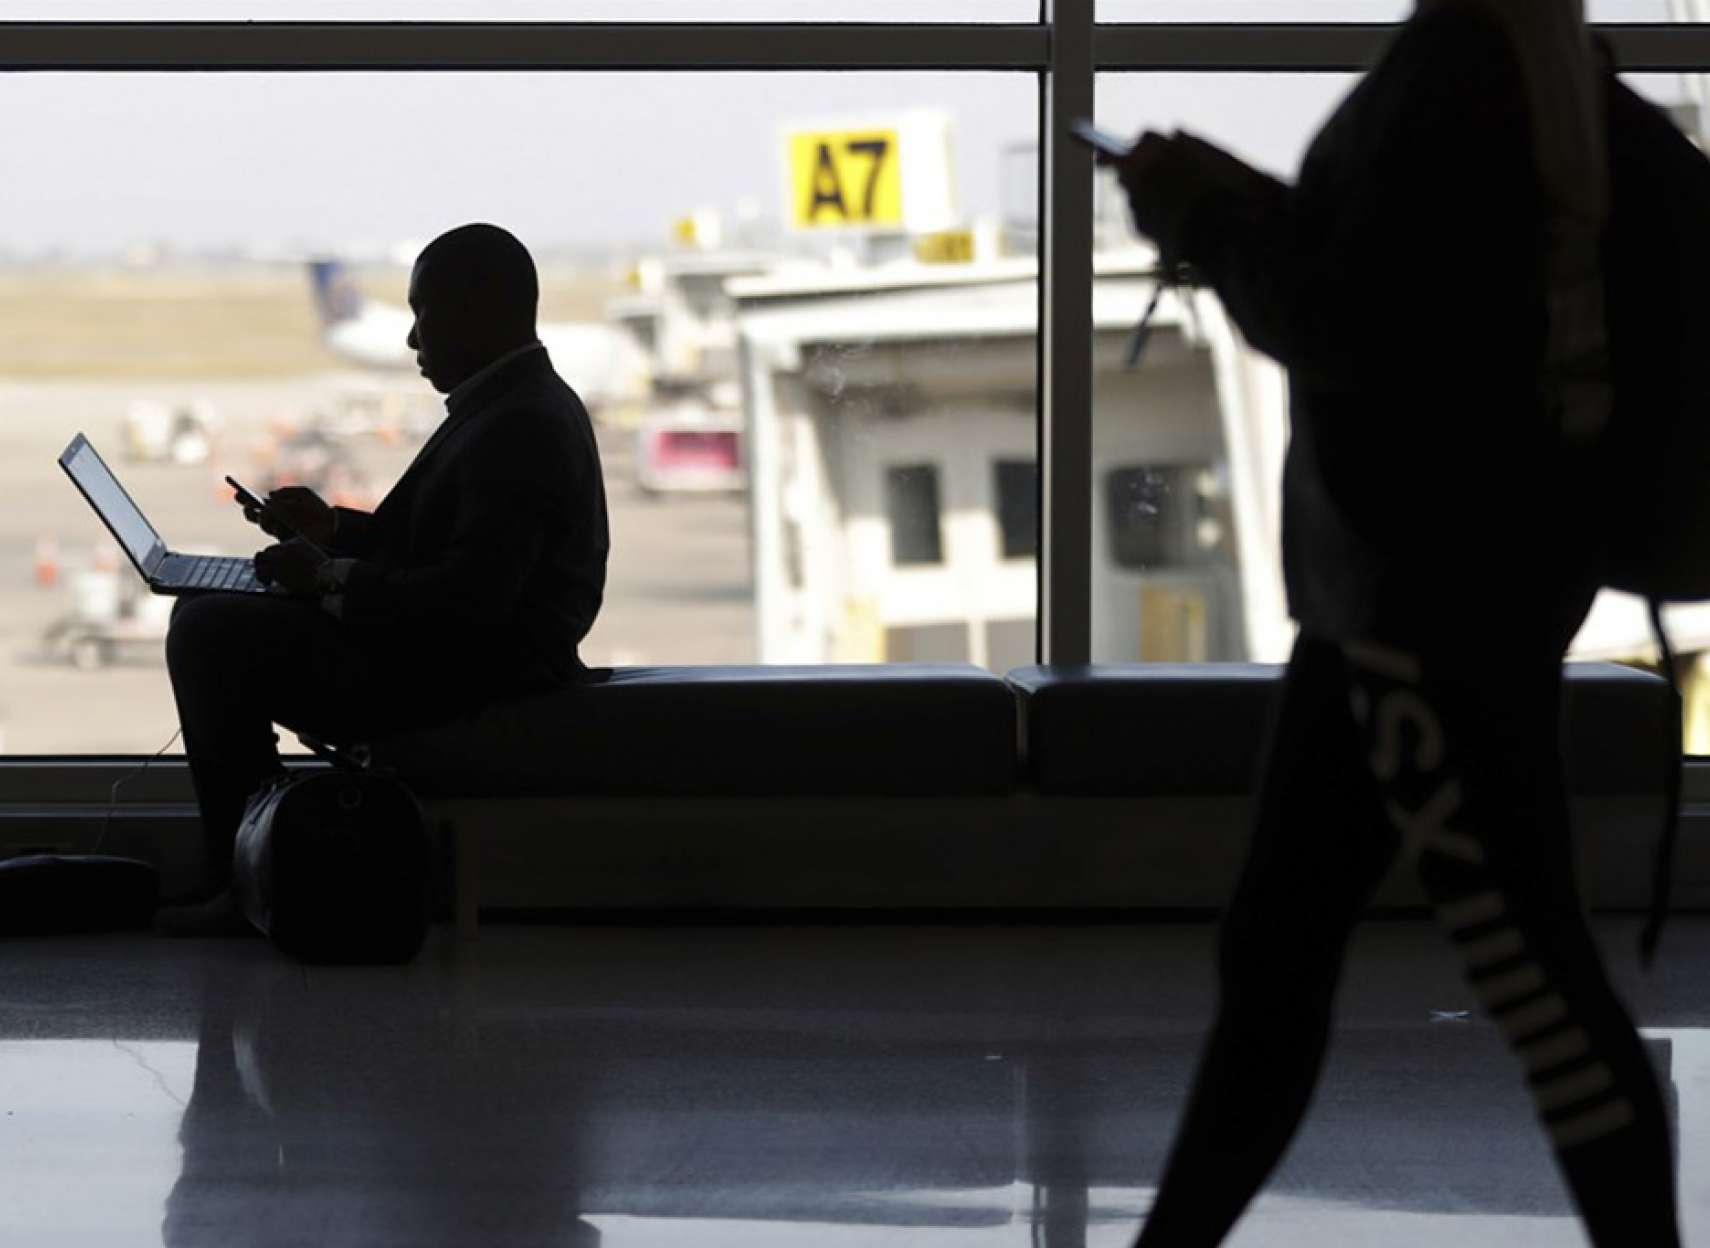 اخبار-دنیا-دادگاه-دولت-آمریکا-بدون-مجوز-اجازه-بررسی-تلفن-و-لپتاپ-را-ندارد